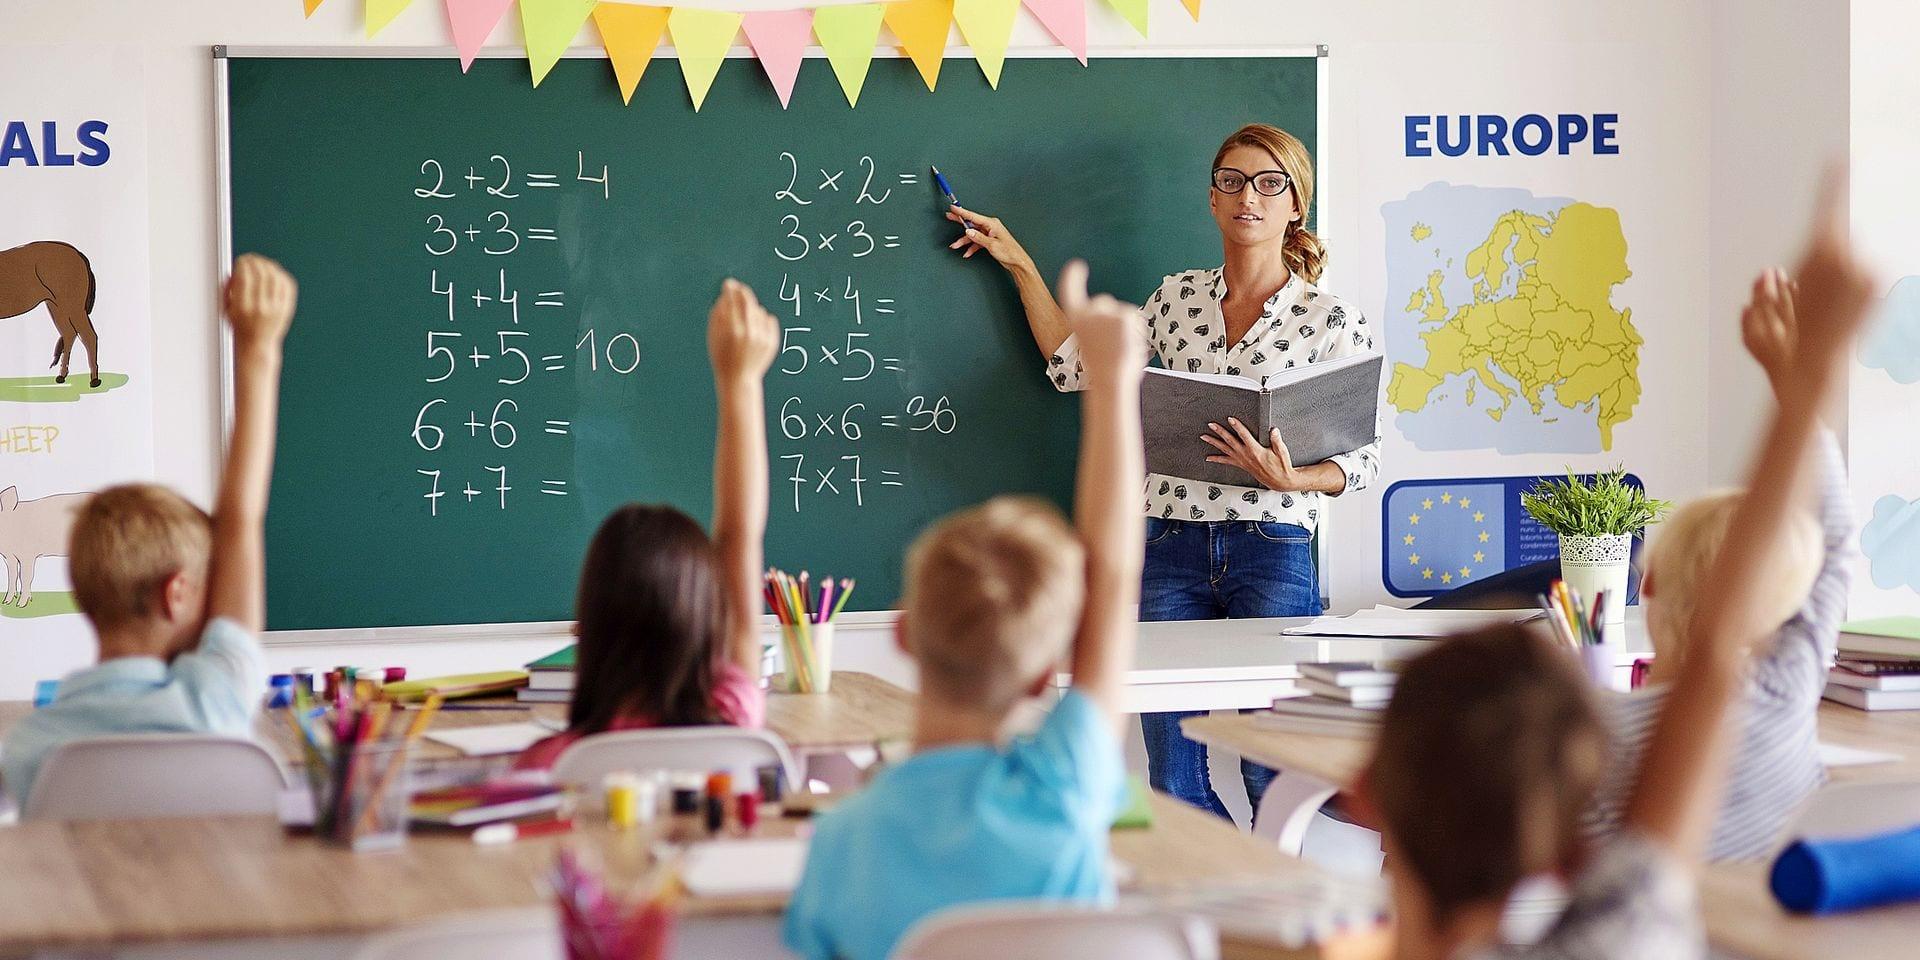 Financement de nos écoles : le réseau libre en a marre d'être sous-financé et réclame 66 millions de plus par an